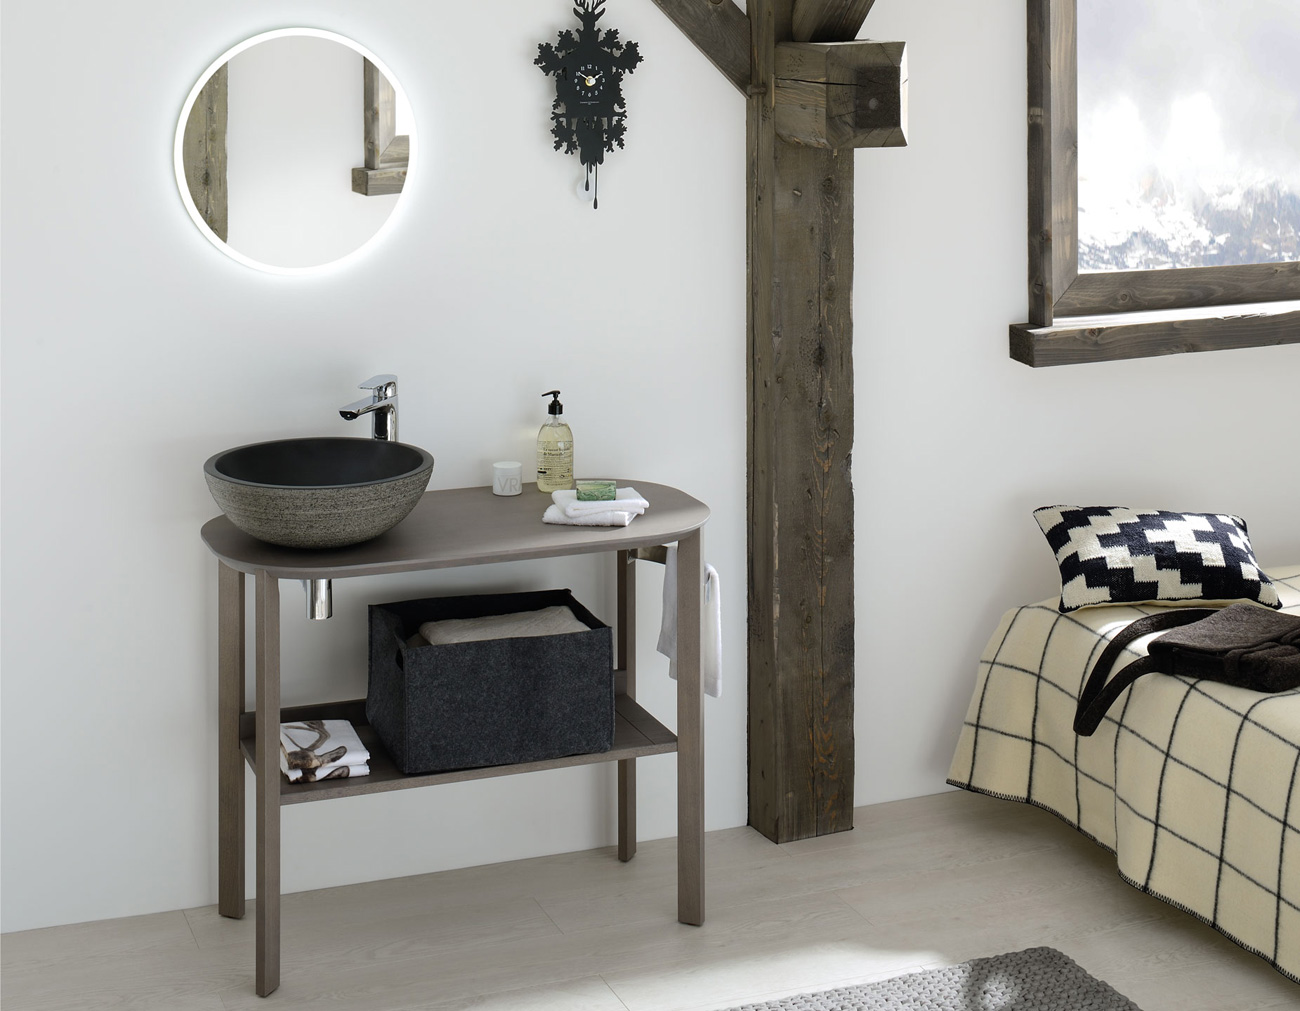 Nos diff rents mod les de meubles de salle de bains for Meuble en coin salle de bain